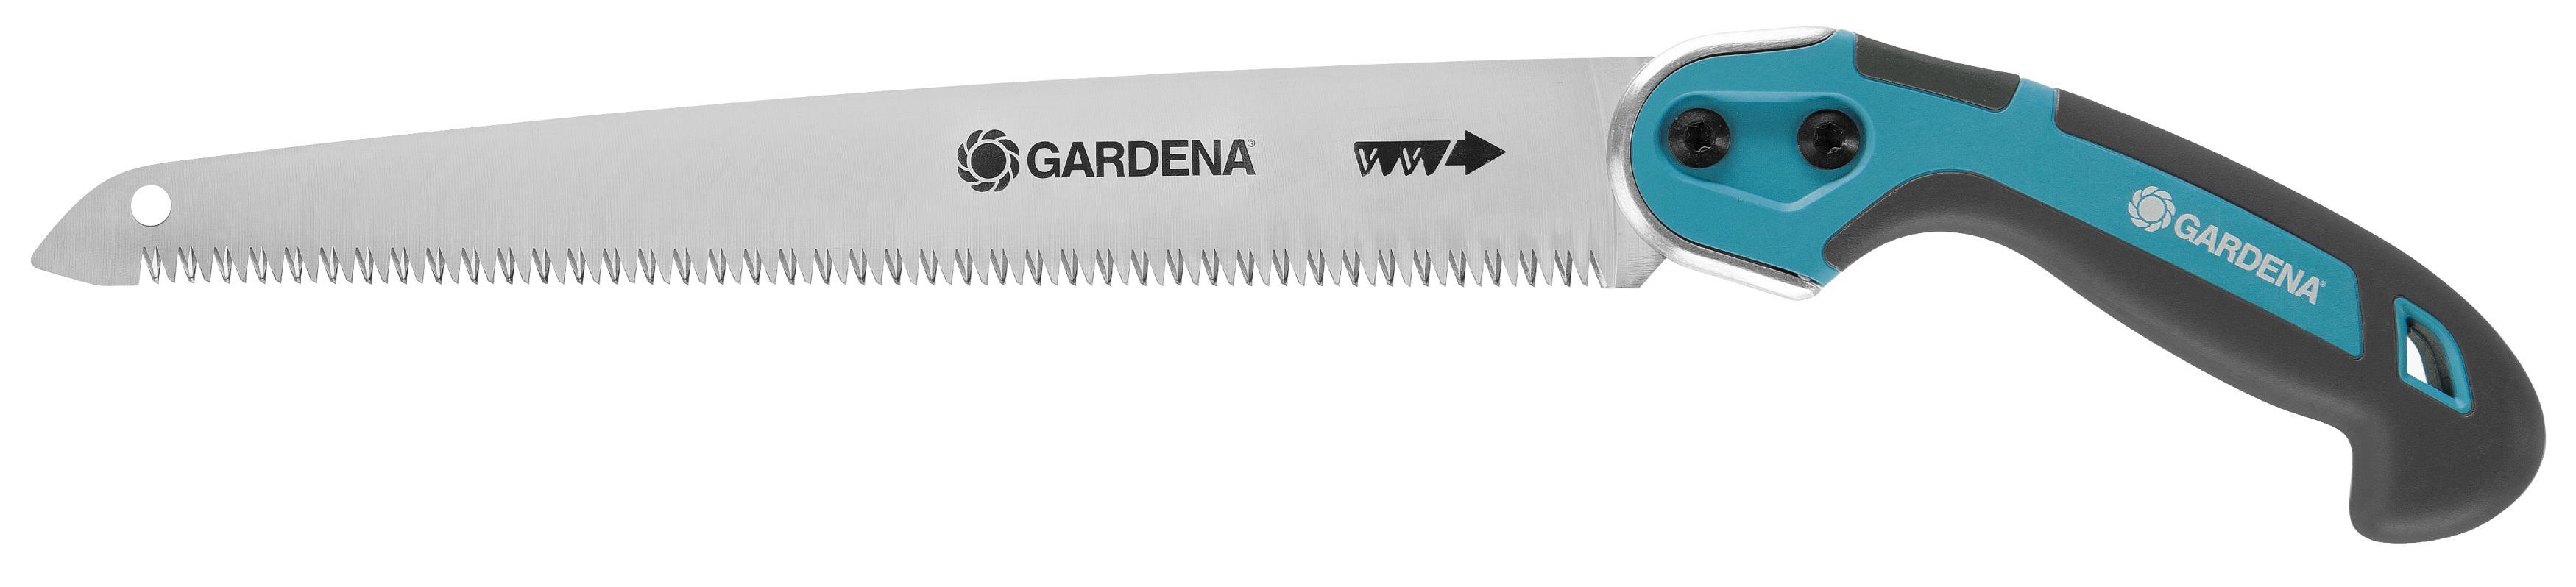 Пила садовая Gardena 300 p